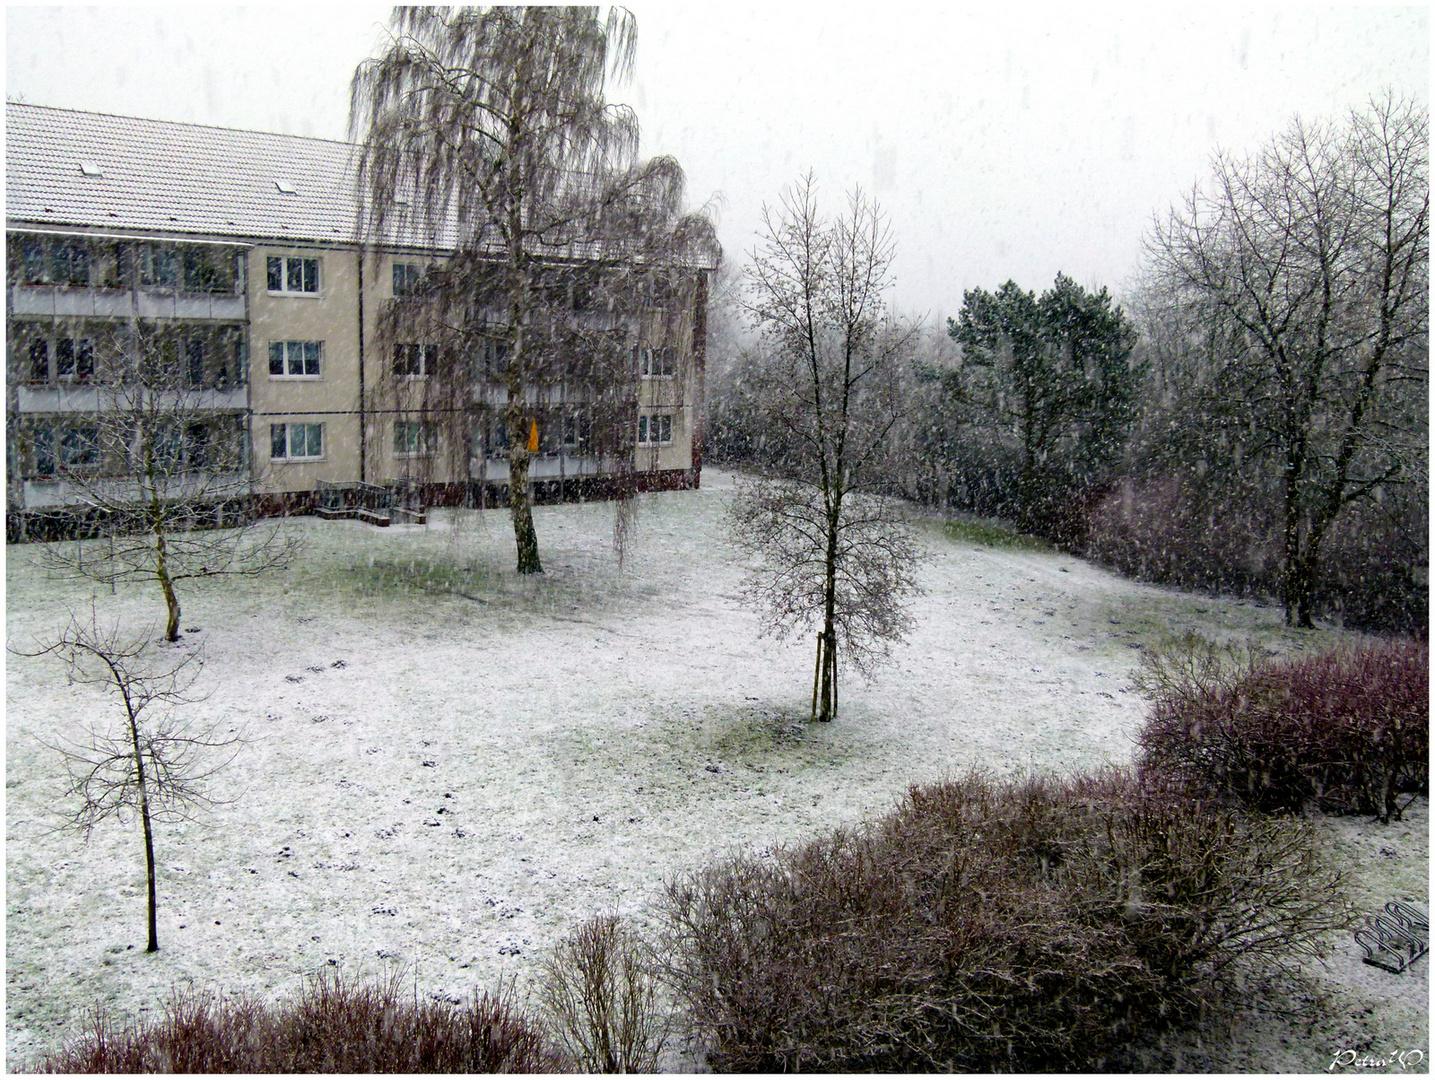 Erneuter Schneefall im Winter 2013